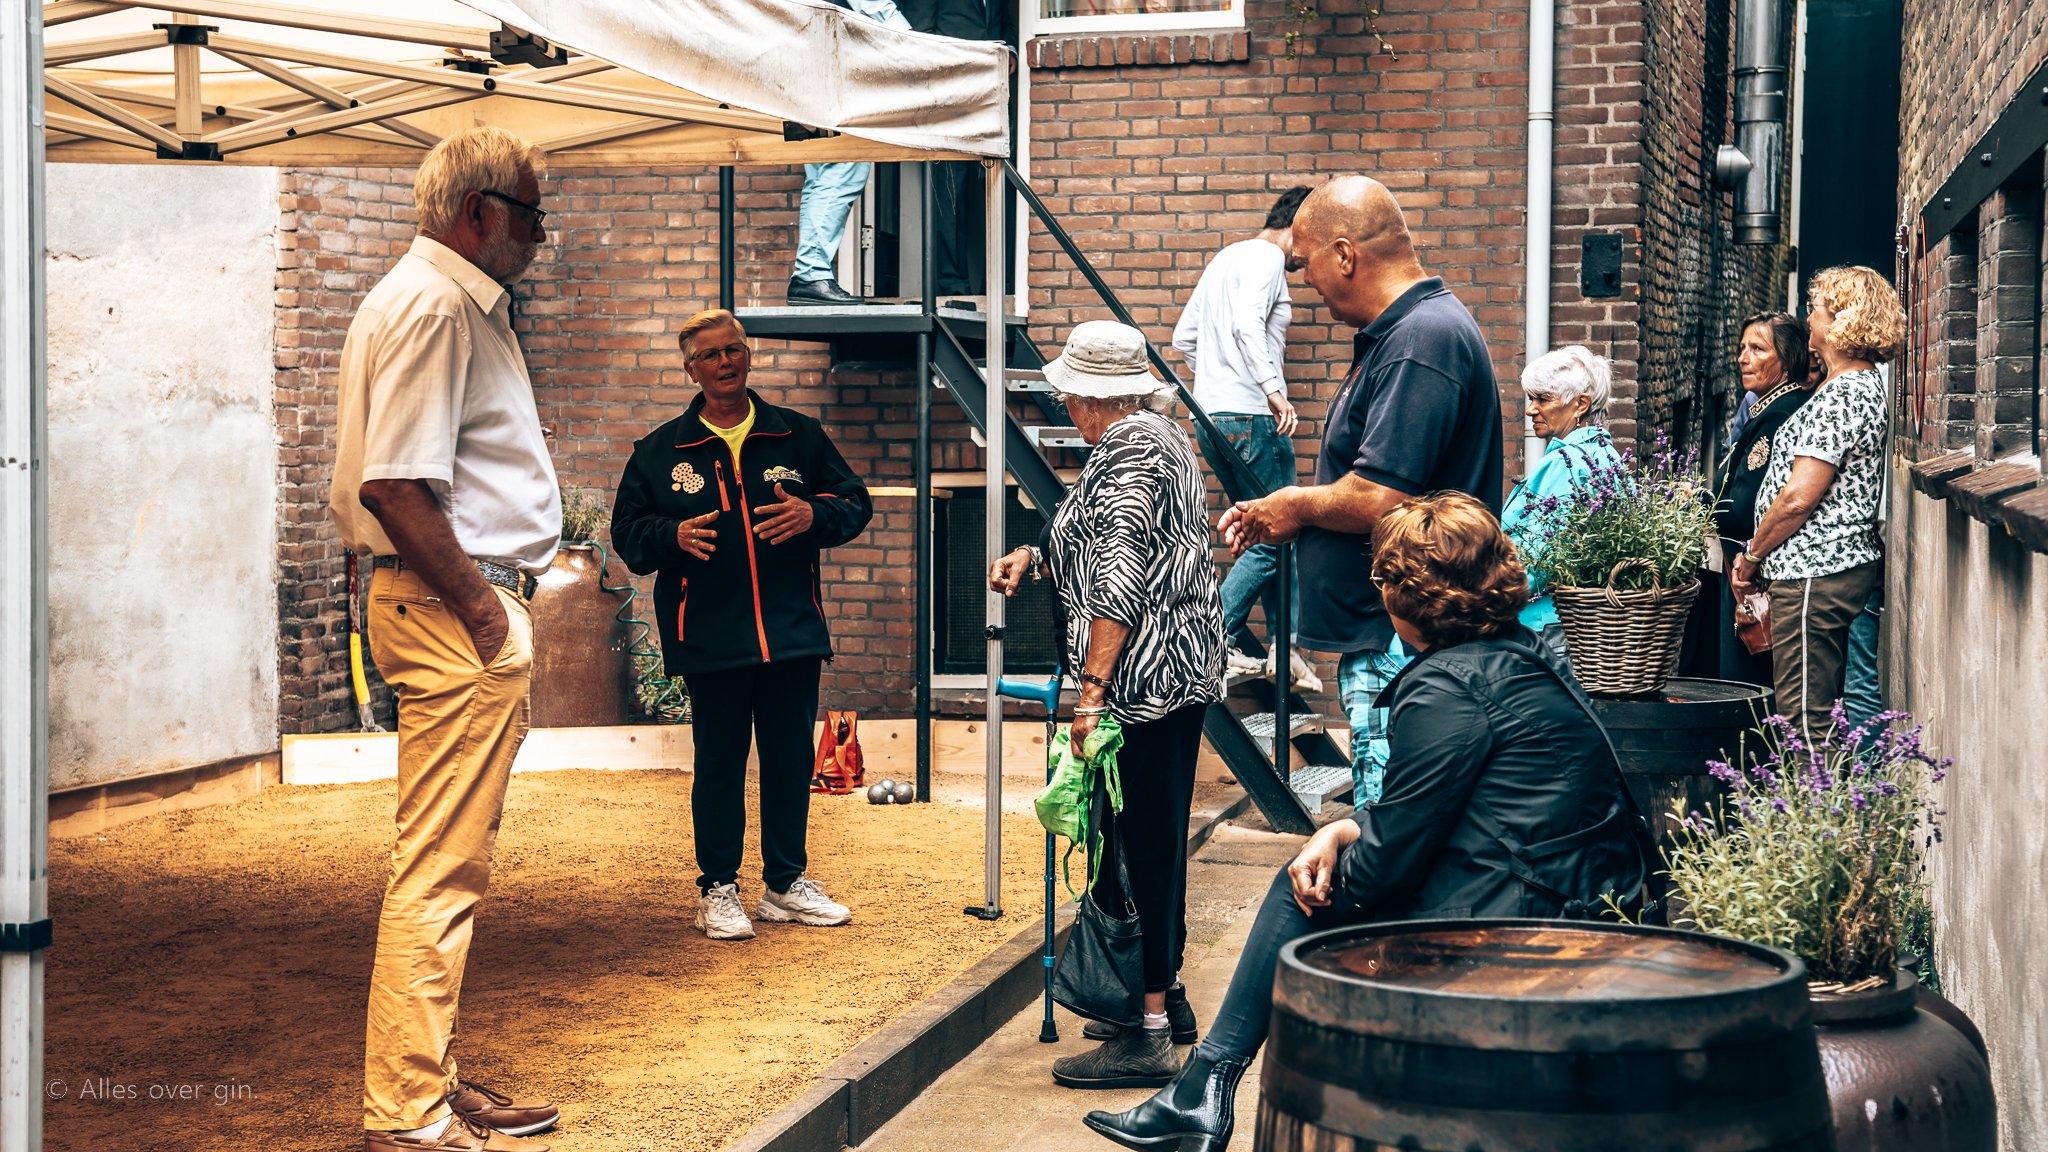 Toeschouwers JeuDeGin, Distilleerderij Van Toor, Alles over gin.